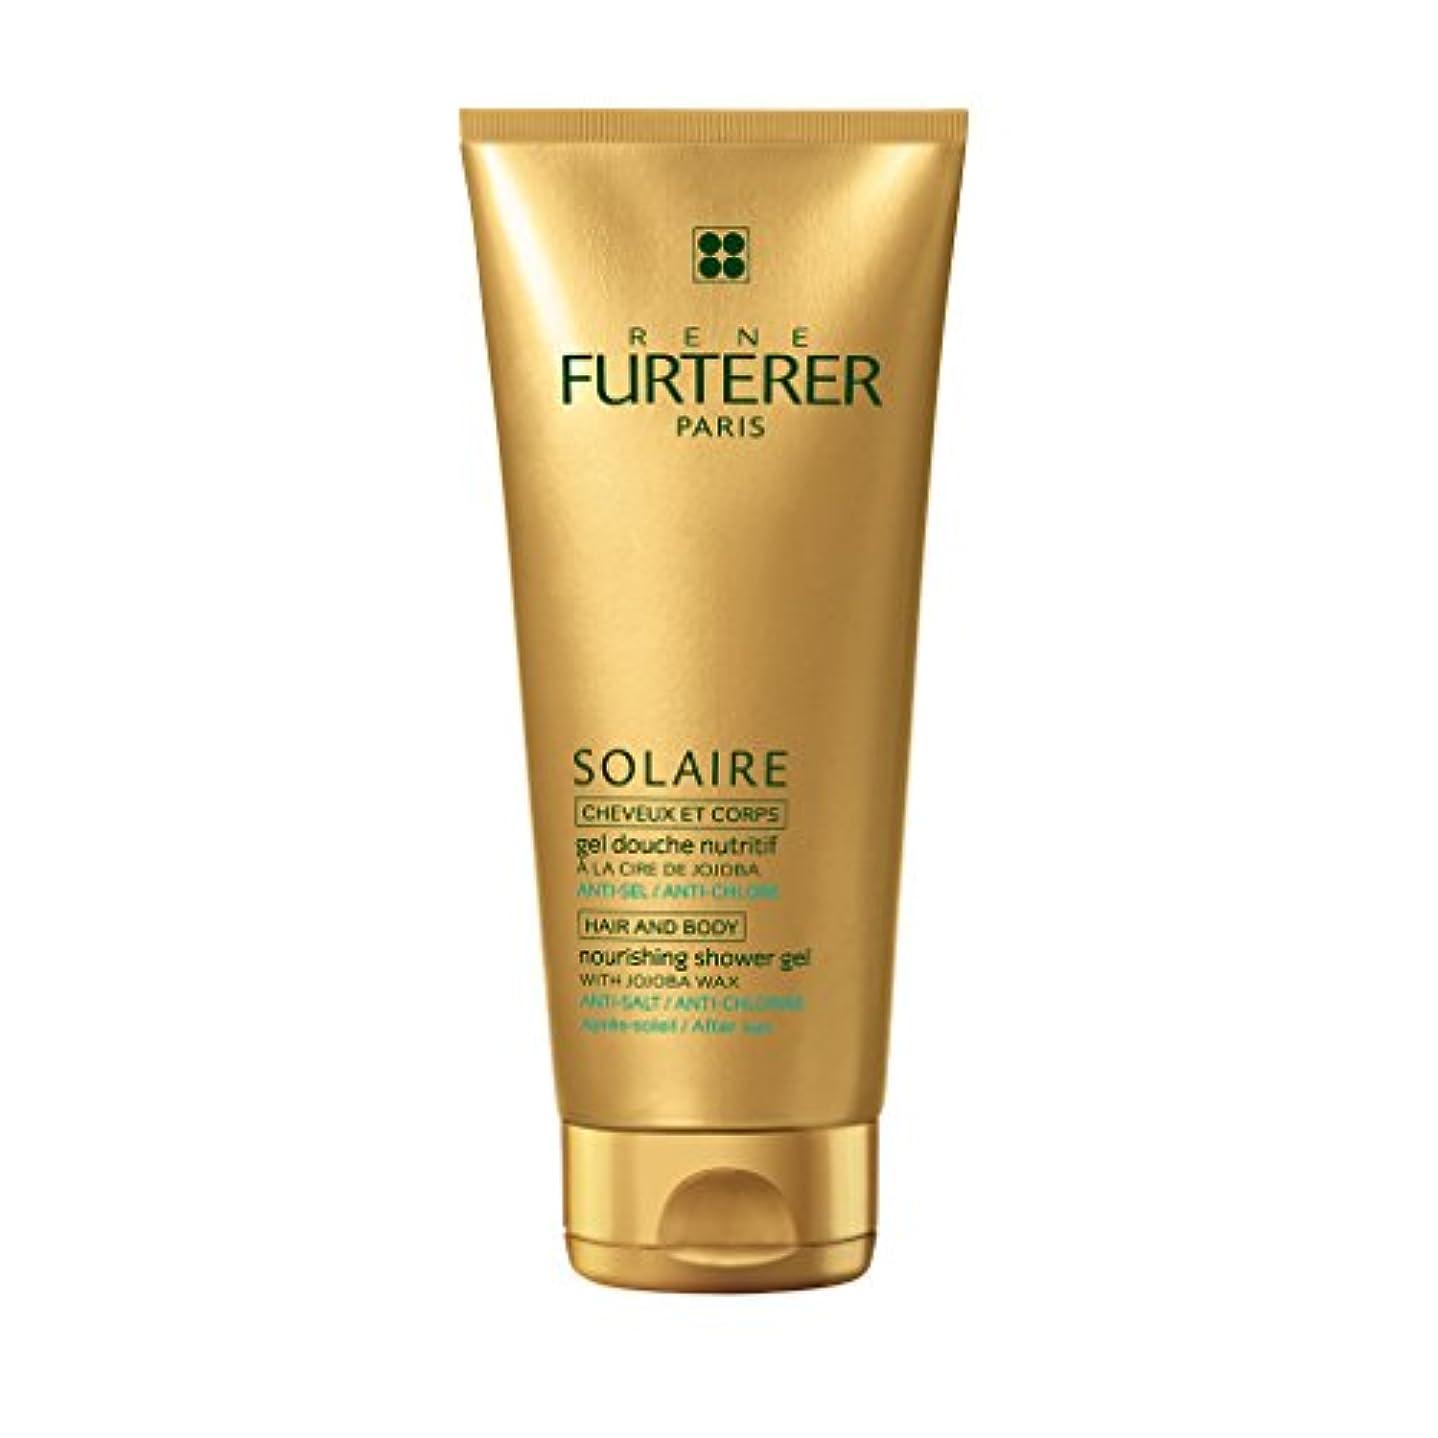 意気消沈したレンダリング伸ばすルネ フルトレール Solaire Nourishing Shower Gel with Jojoba Wax (Hair and Body) 200ml